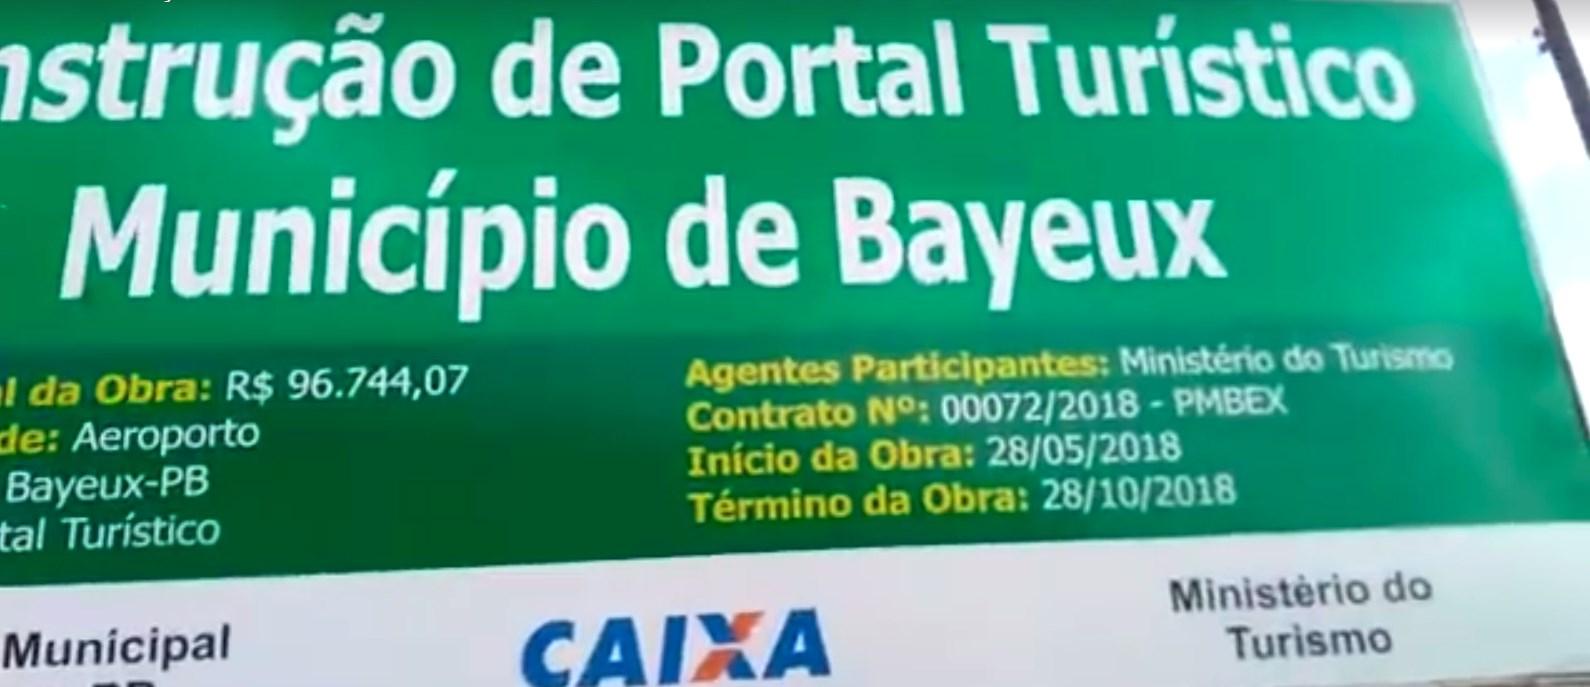 portaldebayeux - Obra inacabada de 'Portal de Boas-Vindas' revela desperdício de dinheiro público em Bayeux